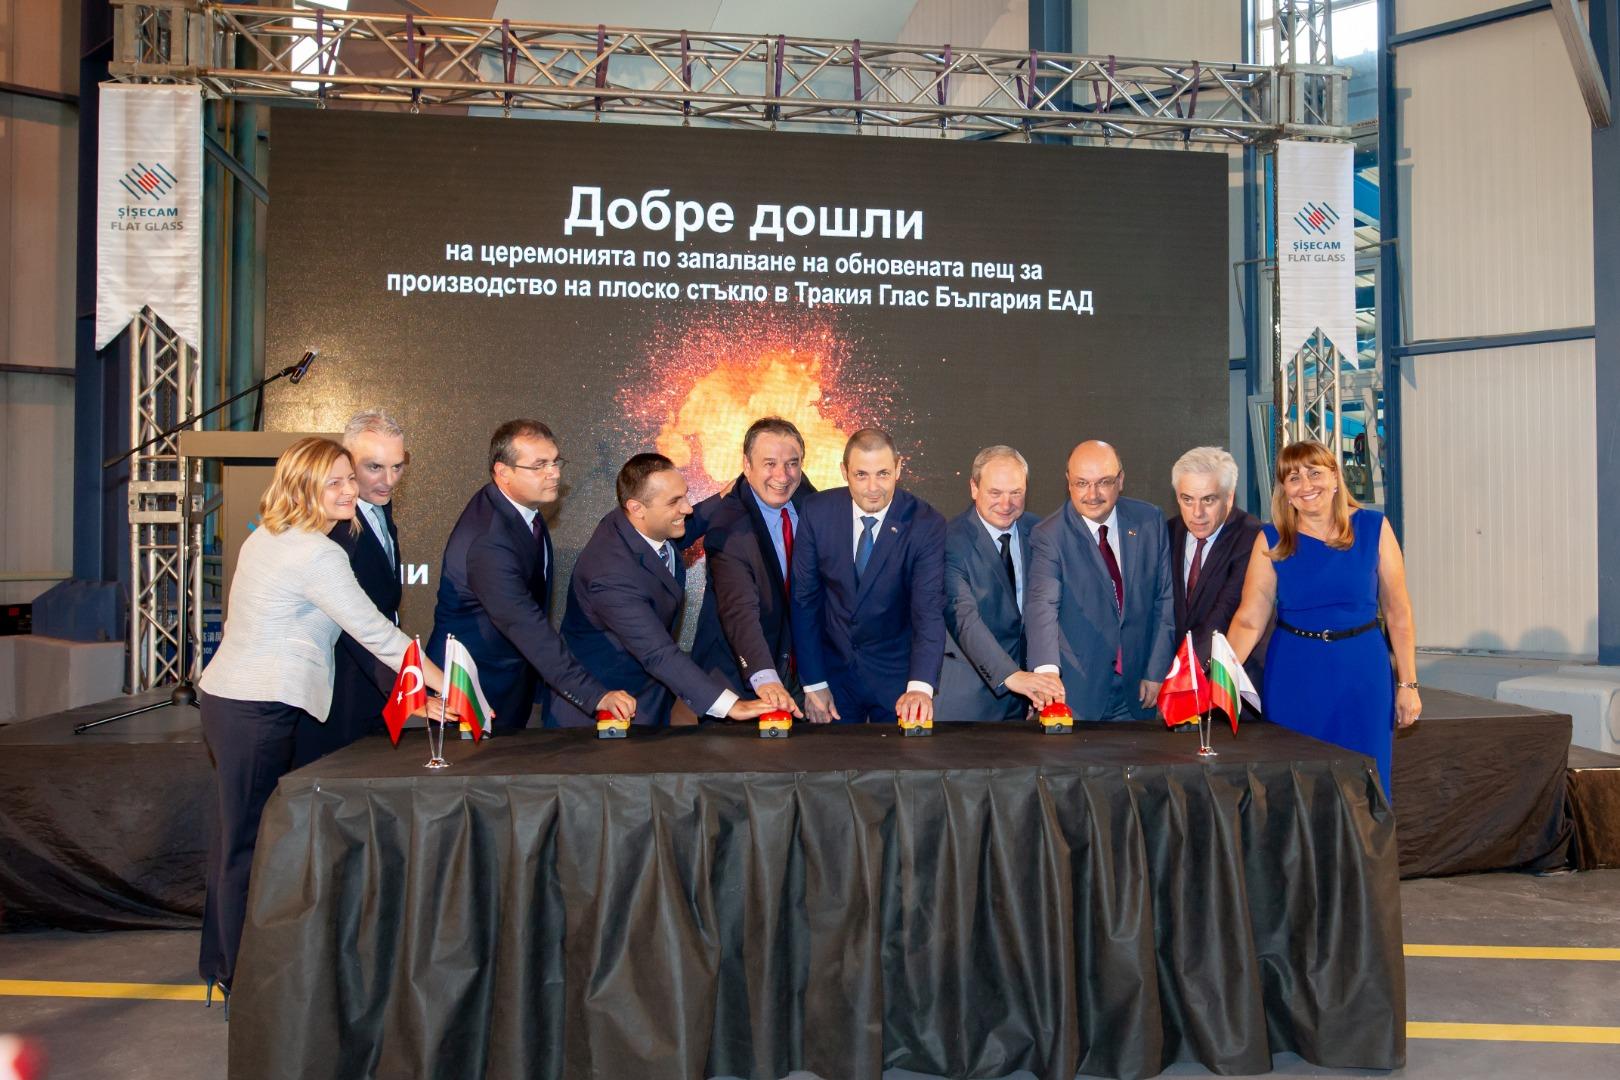 Şişecam'ın Bulgaristan tesisinin fırını yenilendi